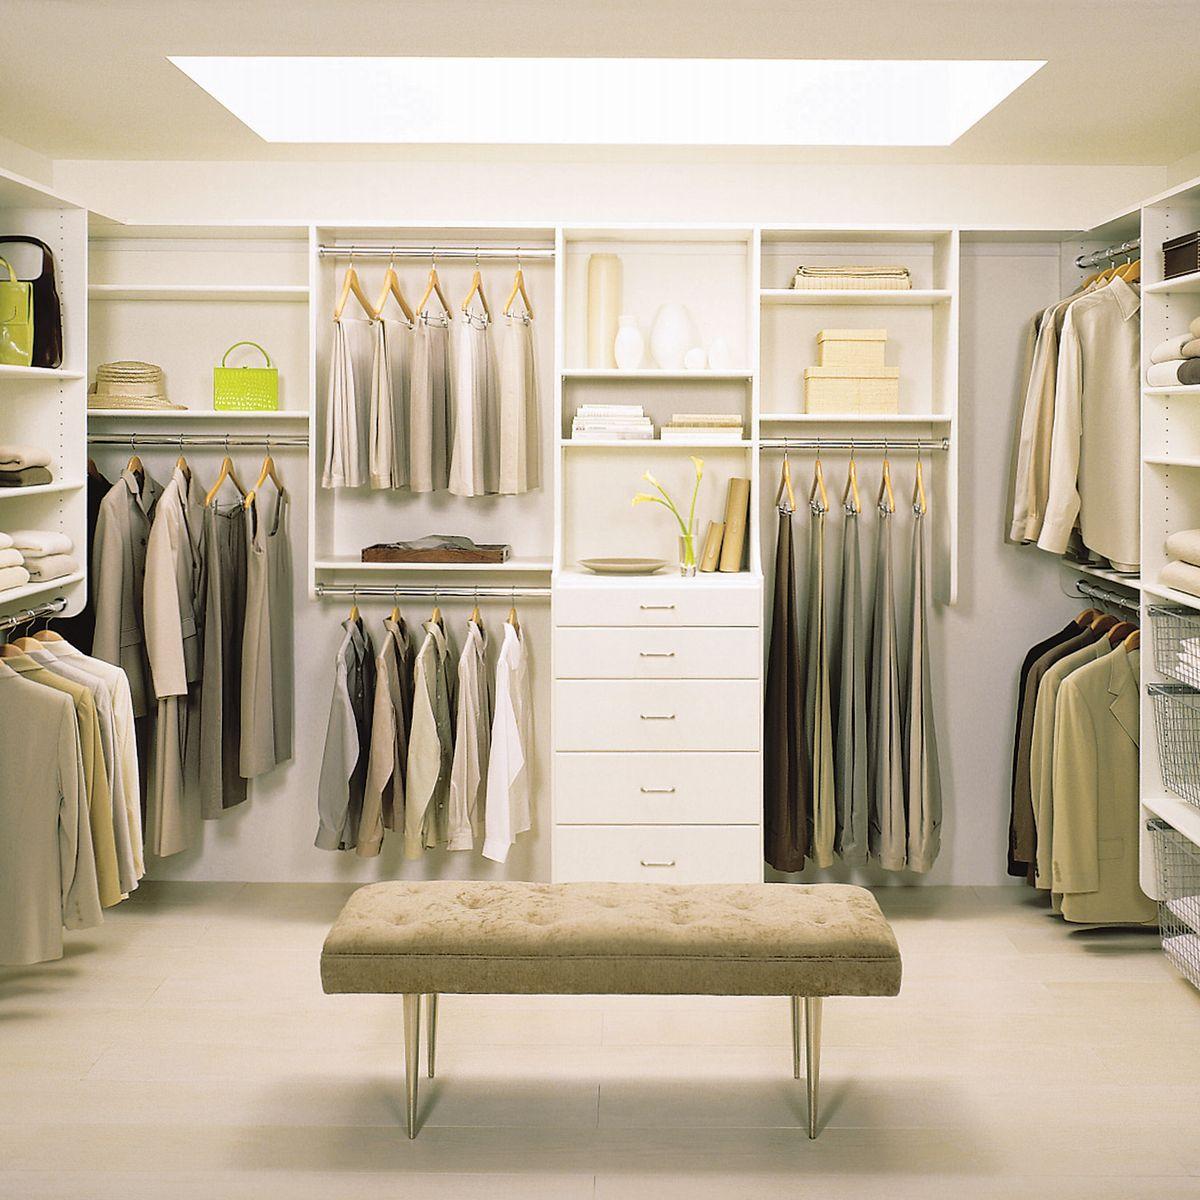 خزانة ملابس عصرية خزانة ملابس عصرية